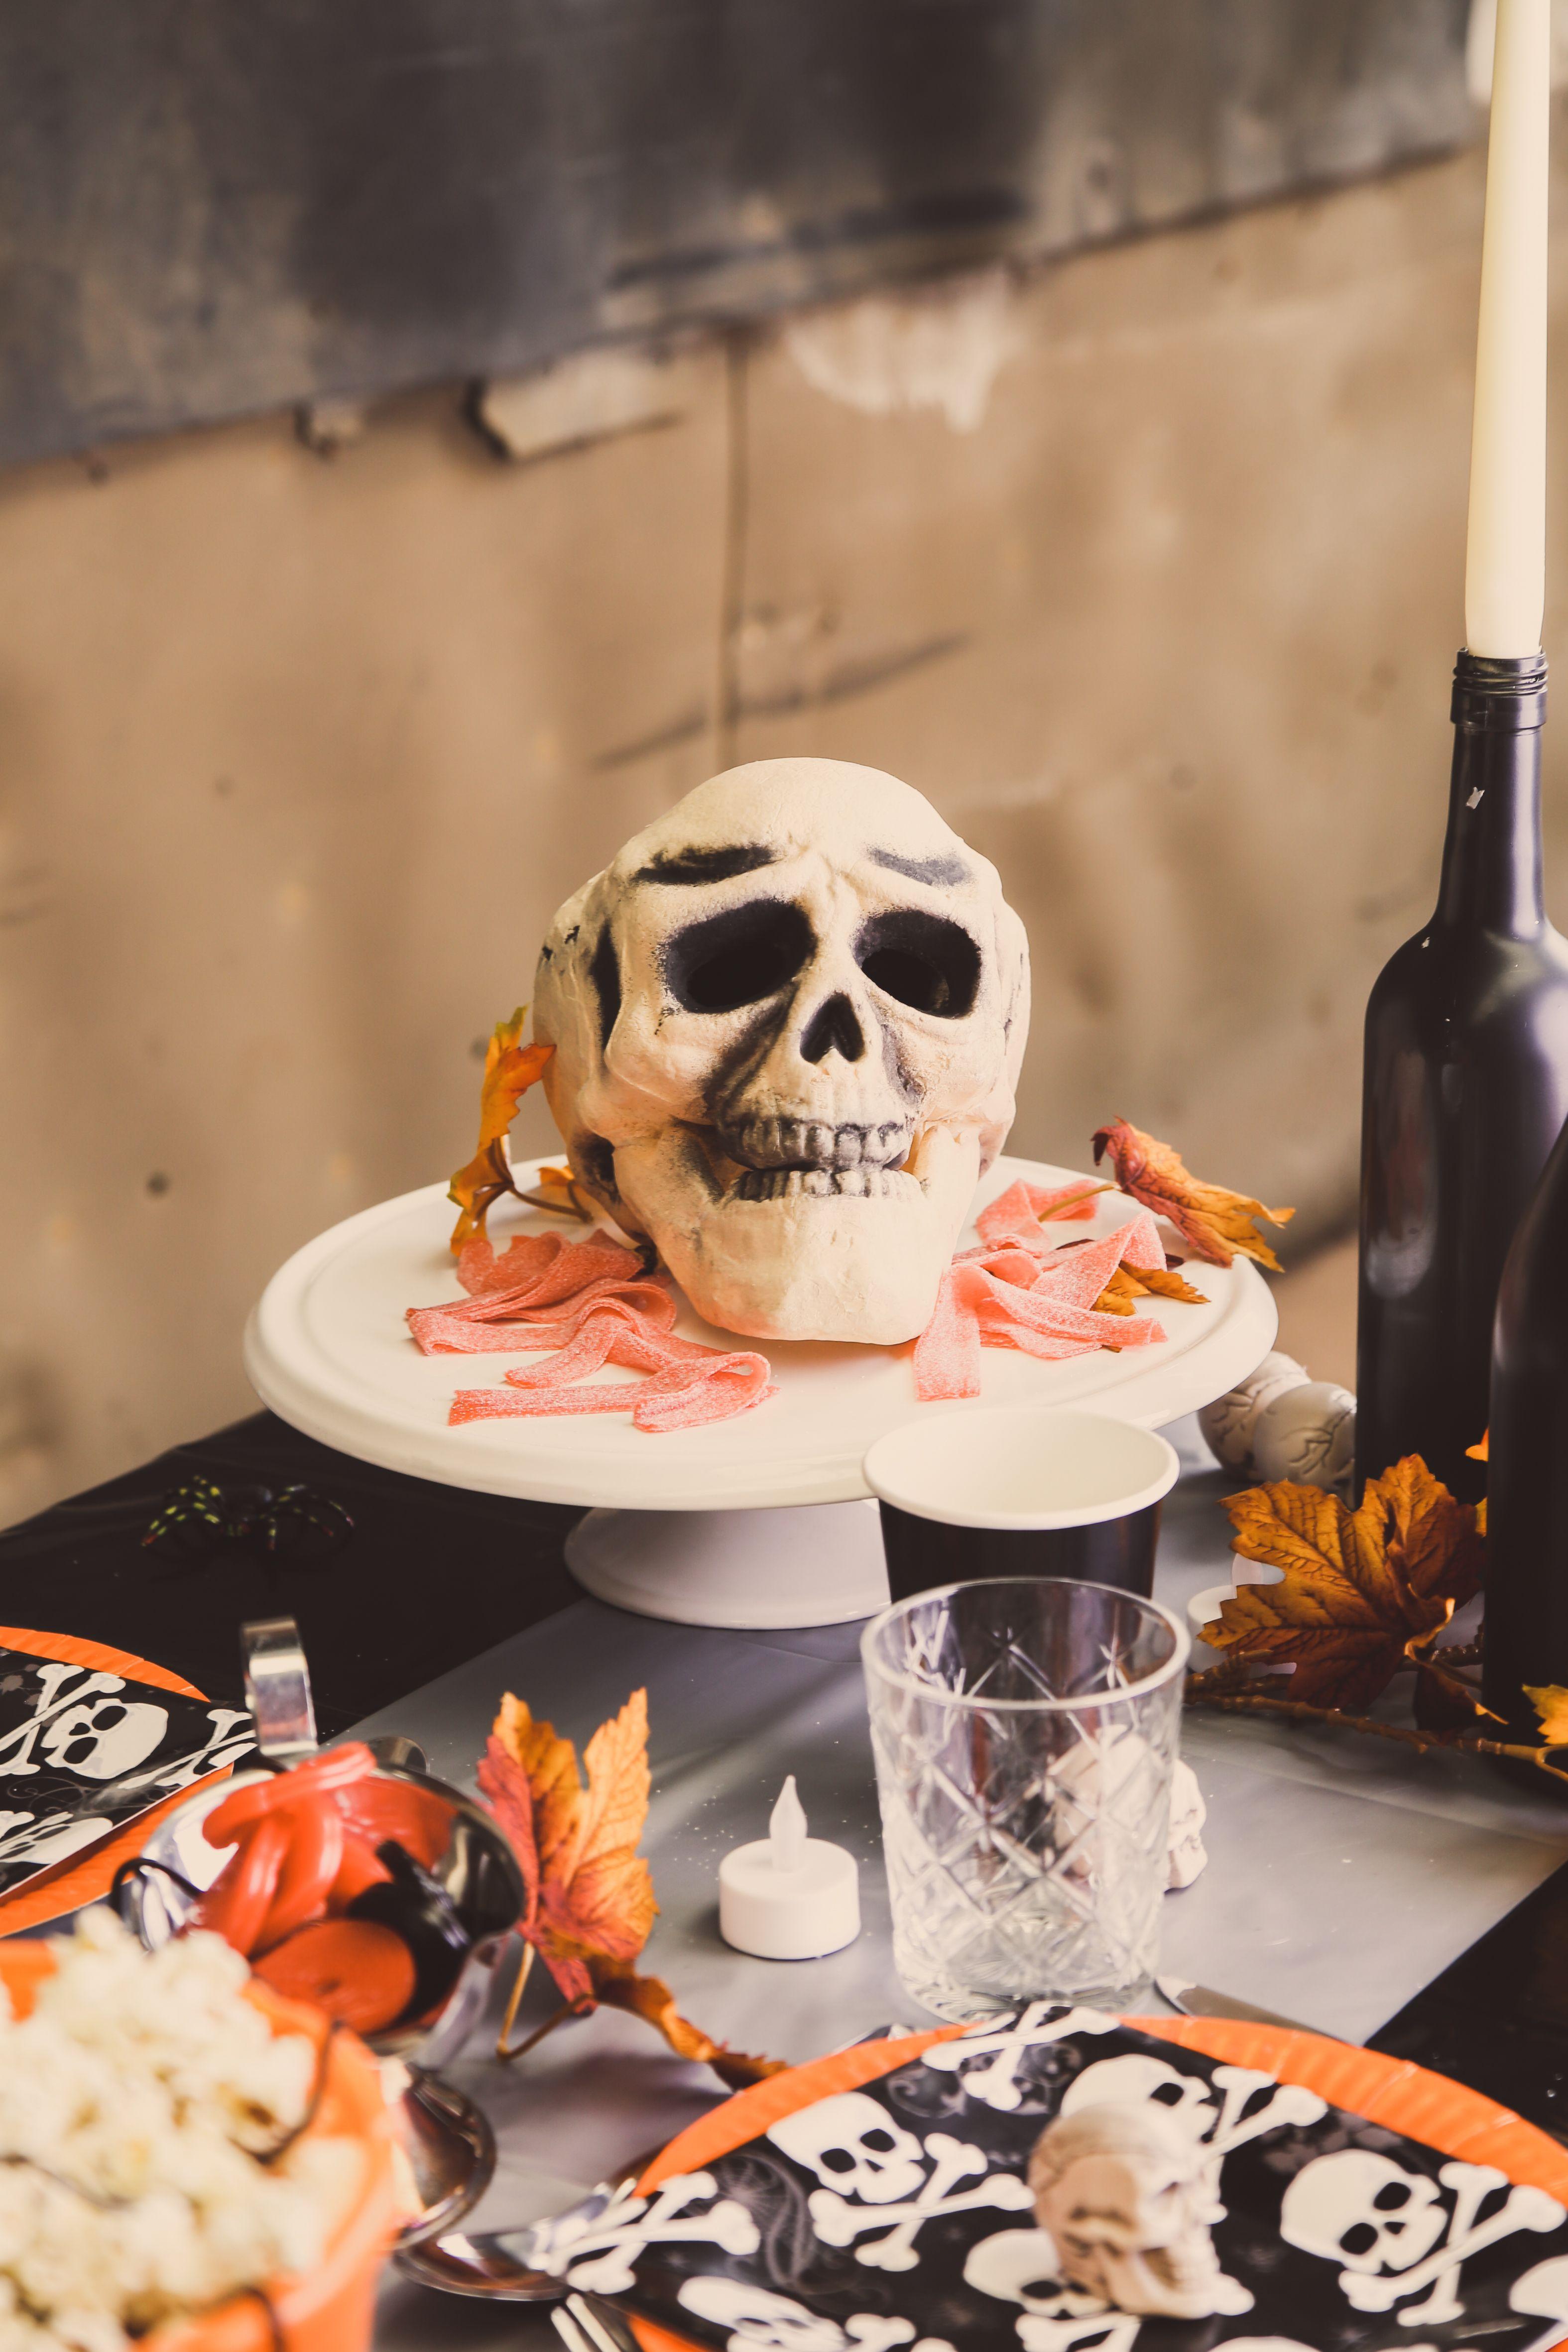 Halloween Decoratie Kopen.Tafeldecoratie Met Schedels Voor Halloween Een Oranje Gezellige Aankleding Met Decoratie En Skulls Knutselen Halloween Halloween Decoratie